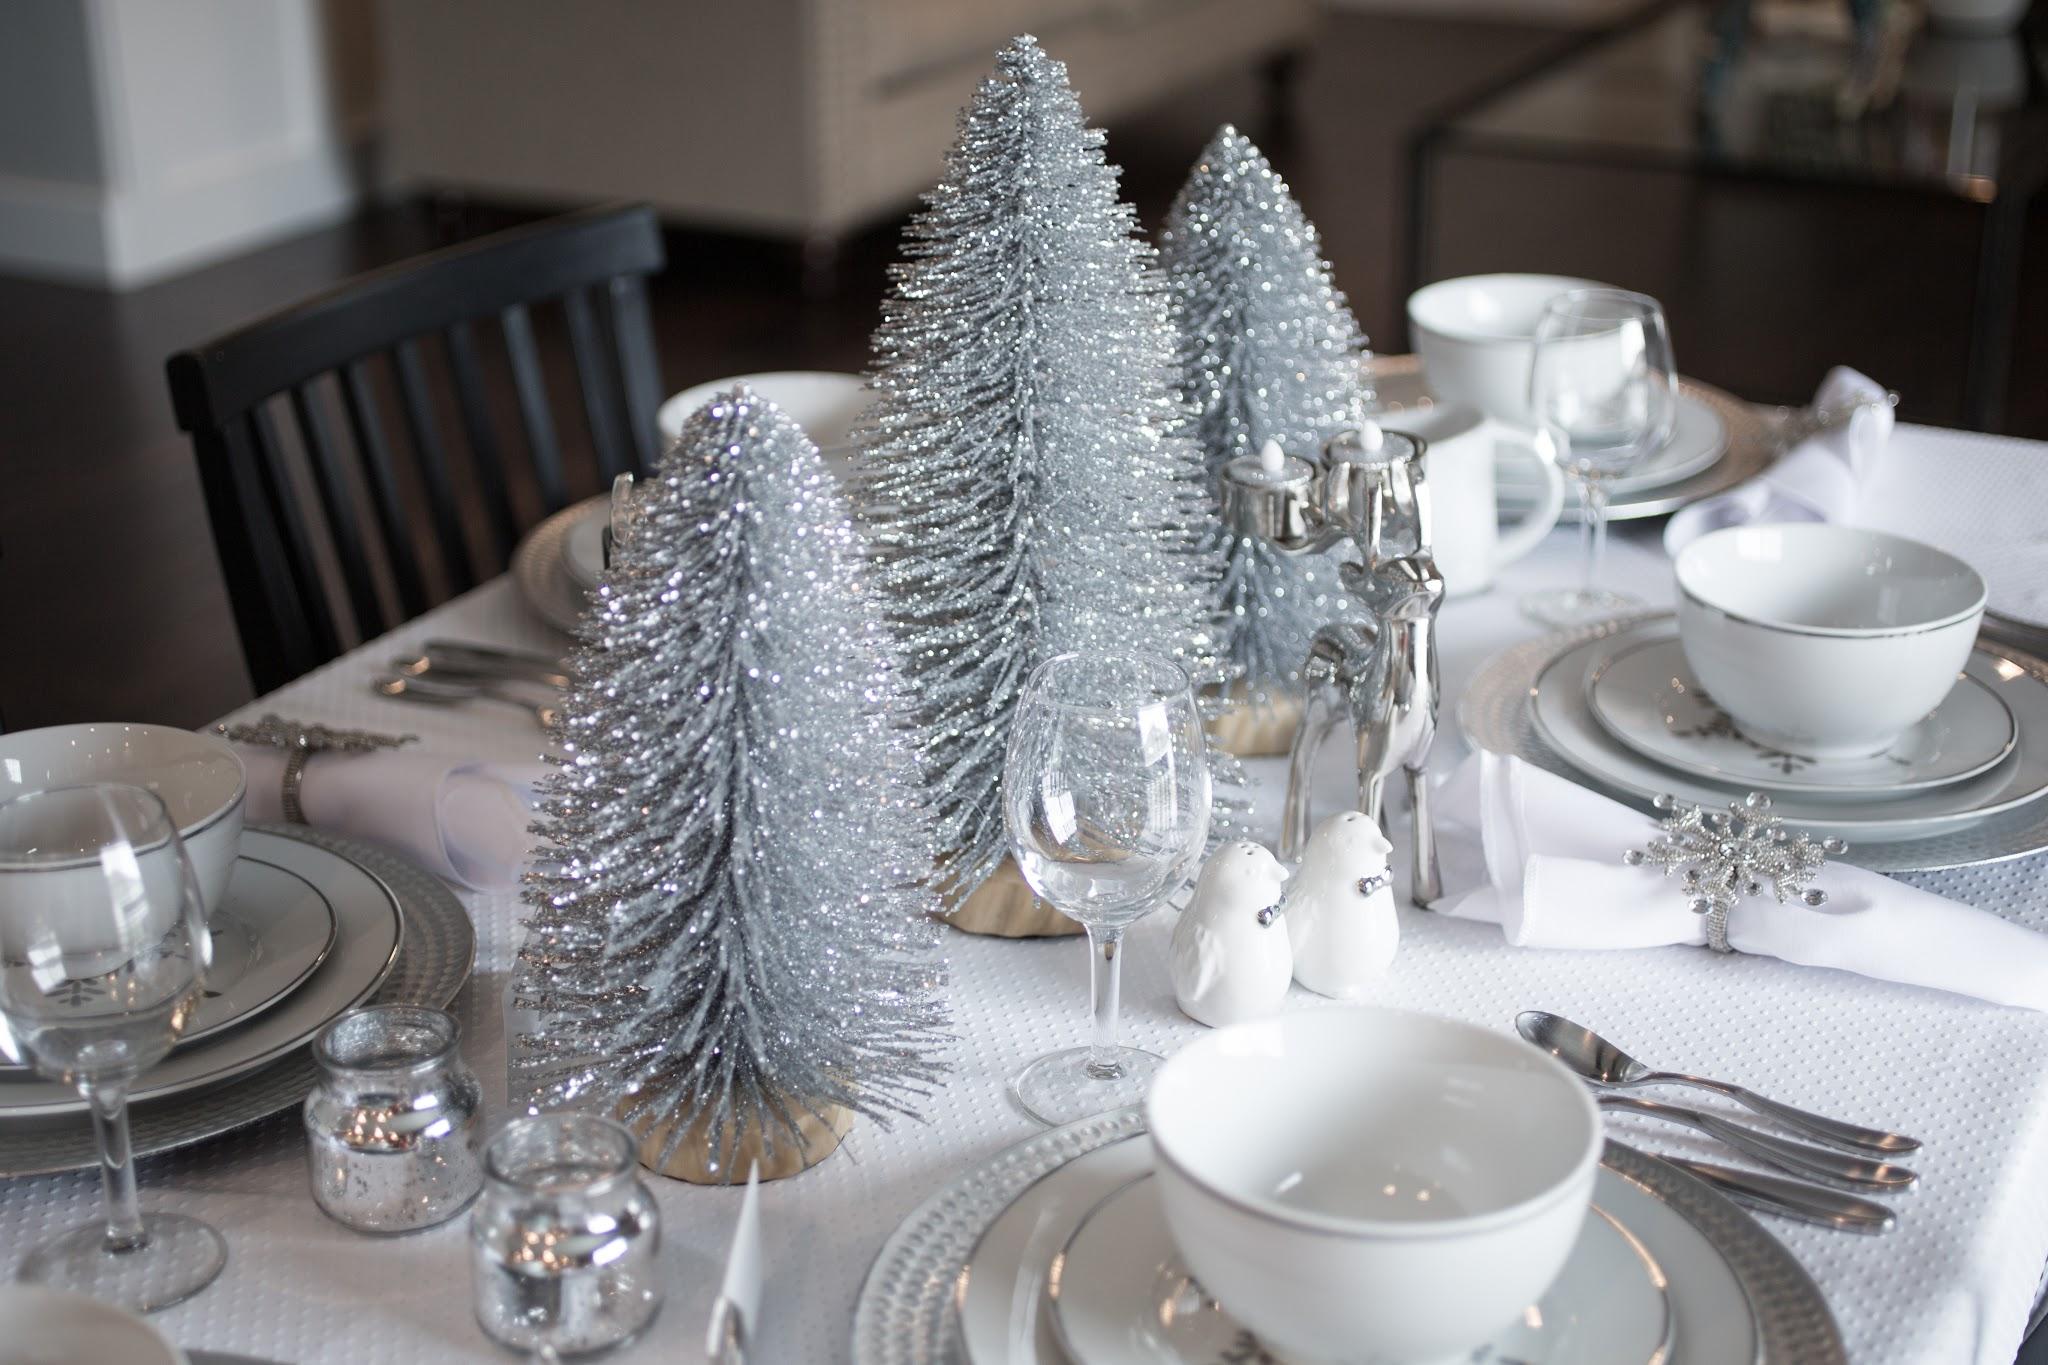 Silver Snowflake Christmas Table